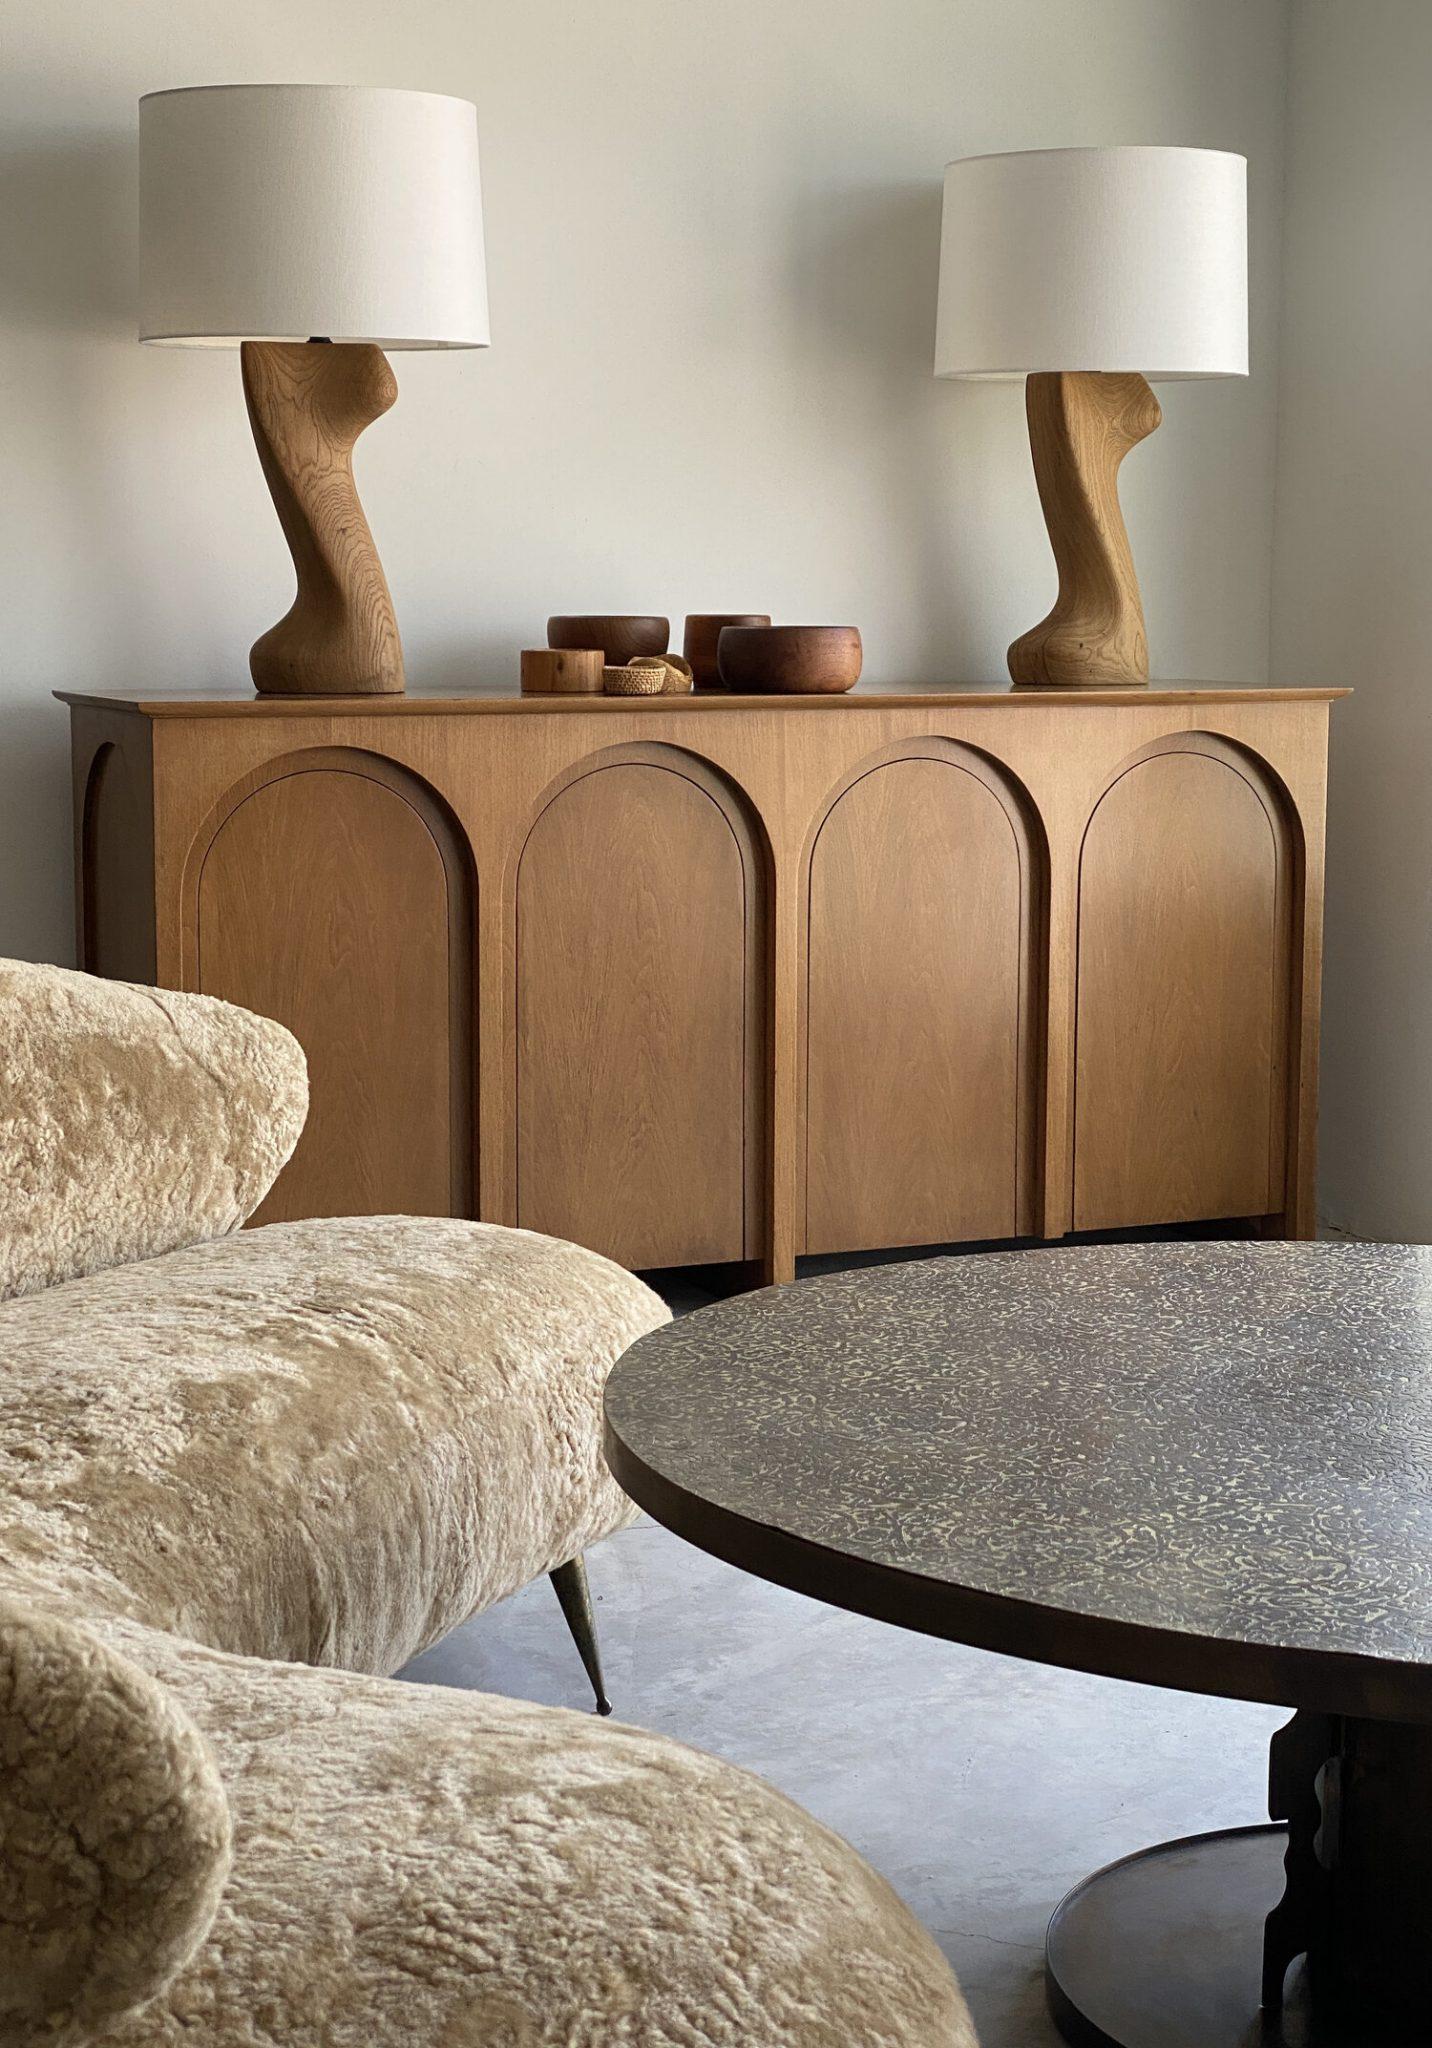 Modernist furniture, curated furniture